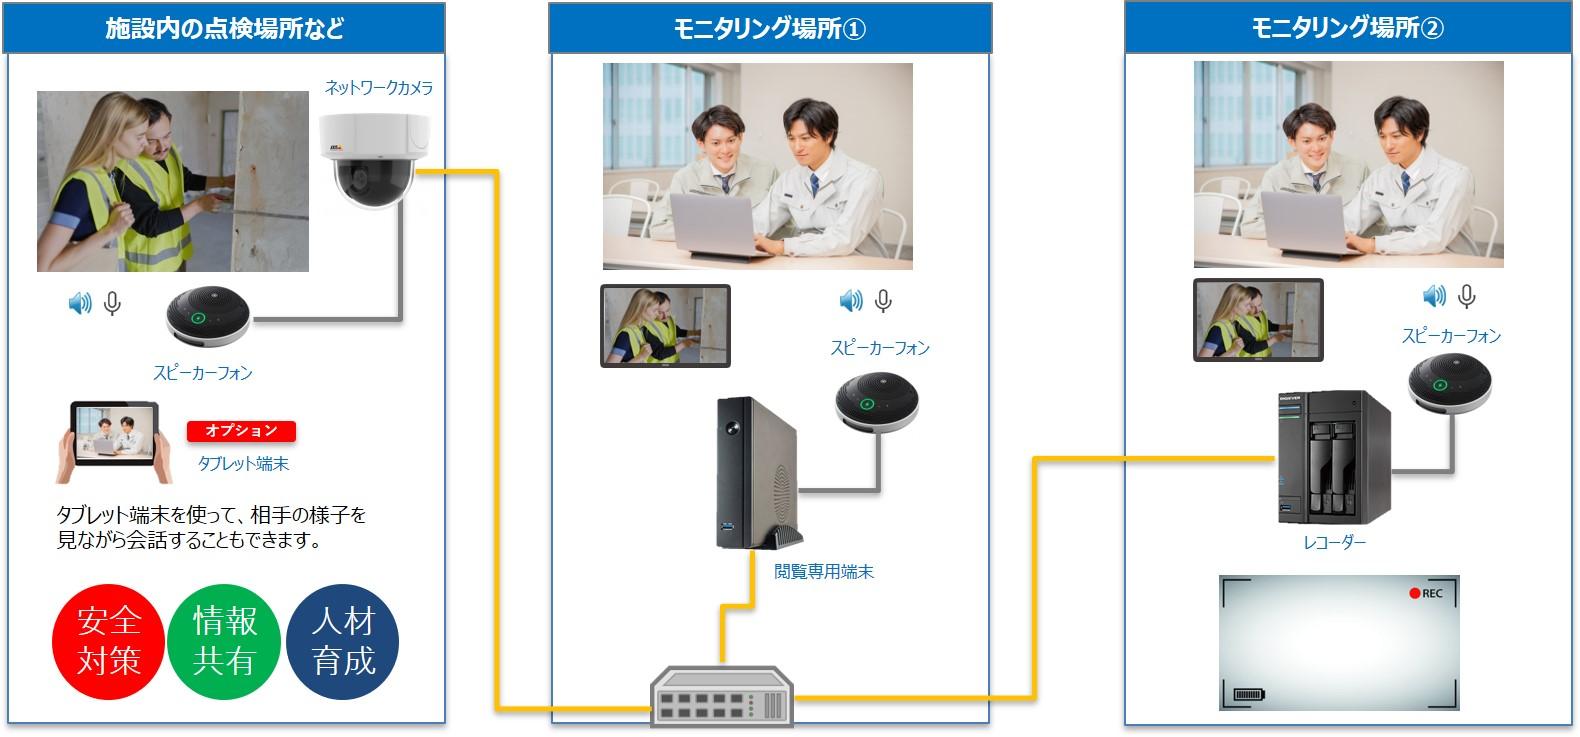 ネットワークカメラ×リモート支援